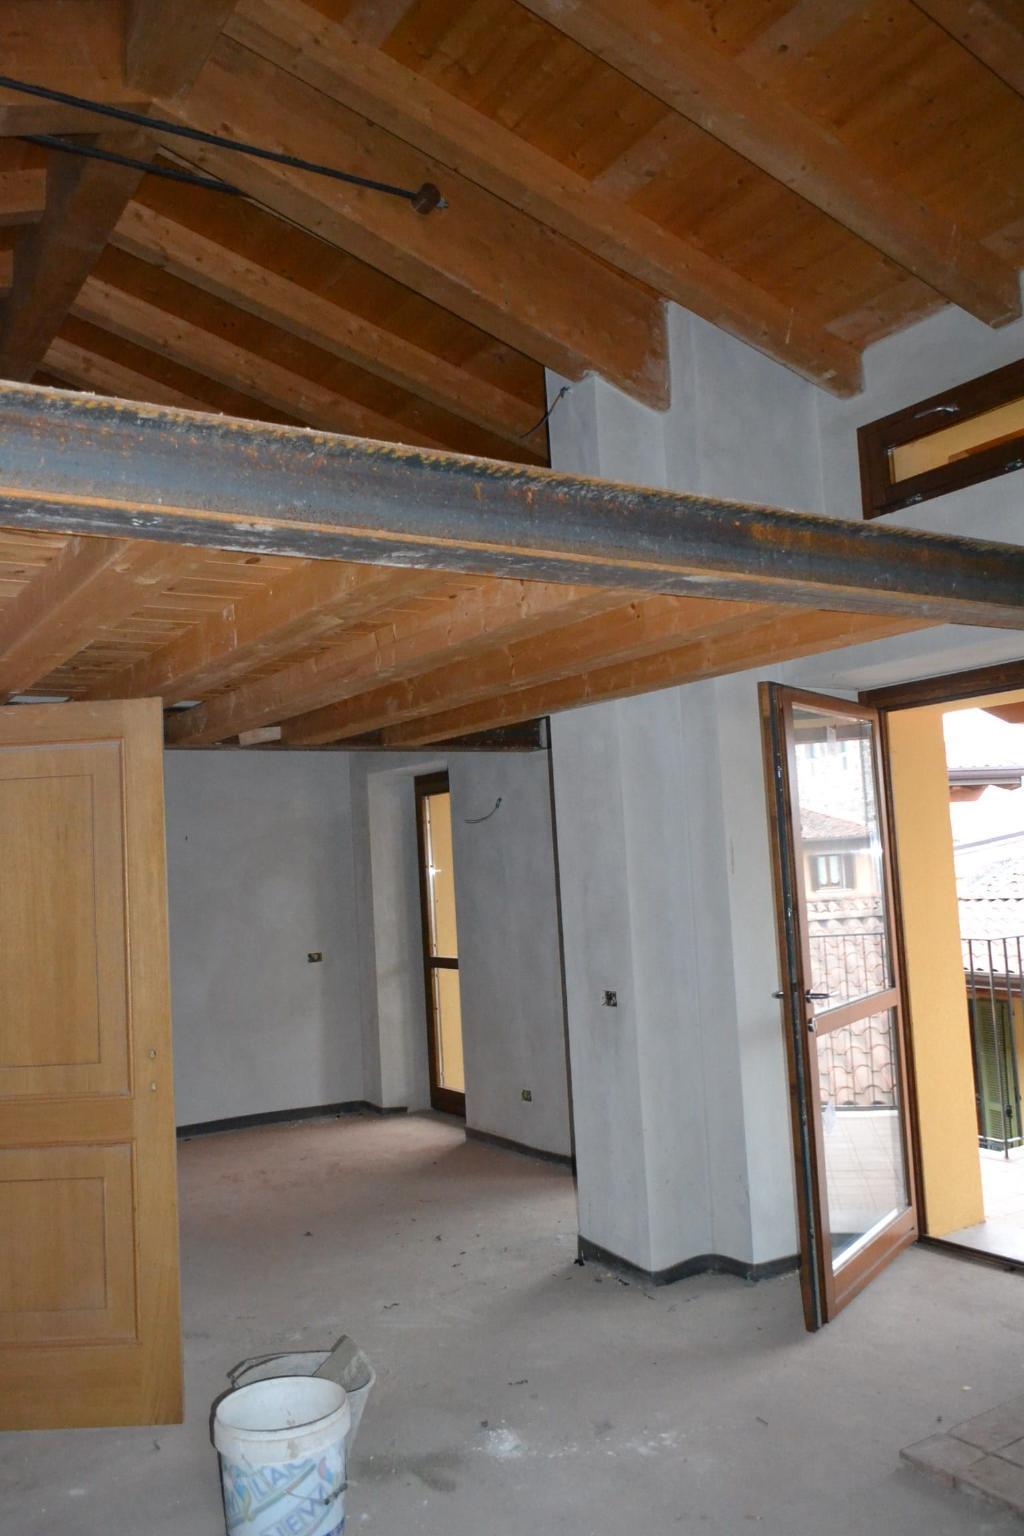 Appartamento in vendita a Mapello, 2 locali, zona Località: centro, prezzo € 80.000 | CambioCasa.it